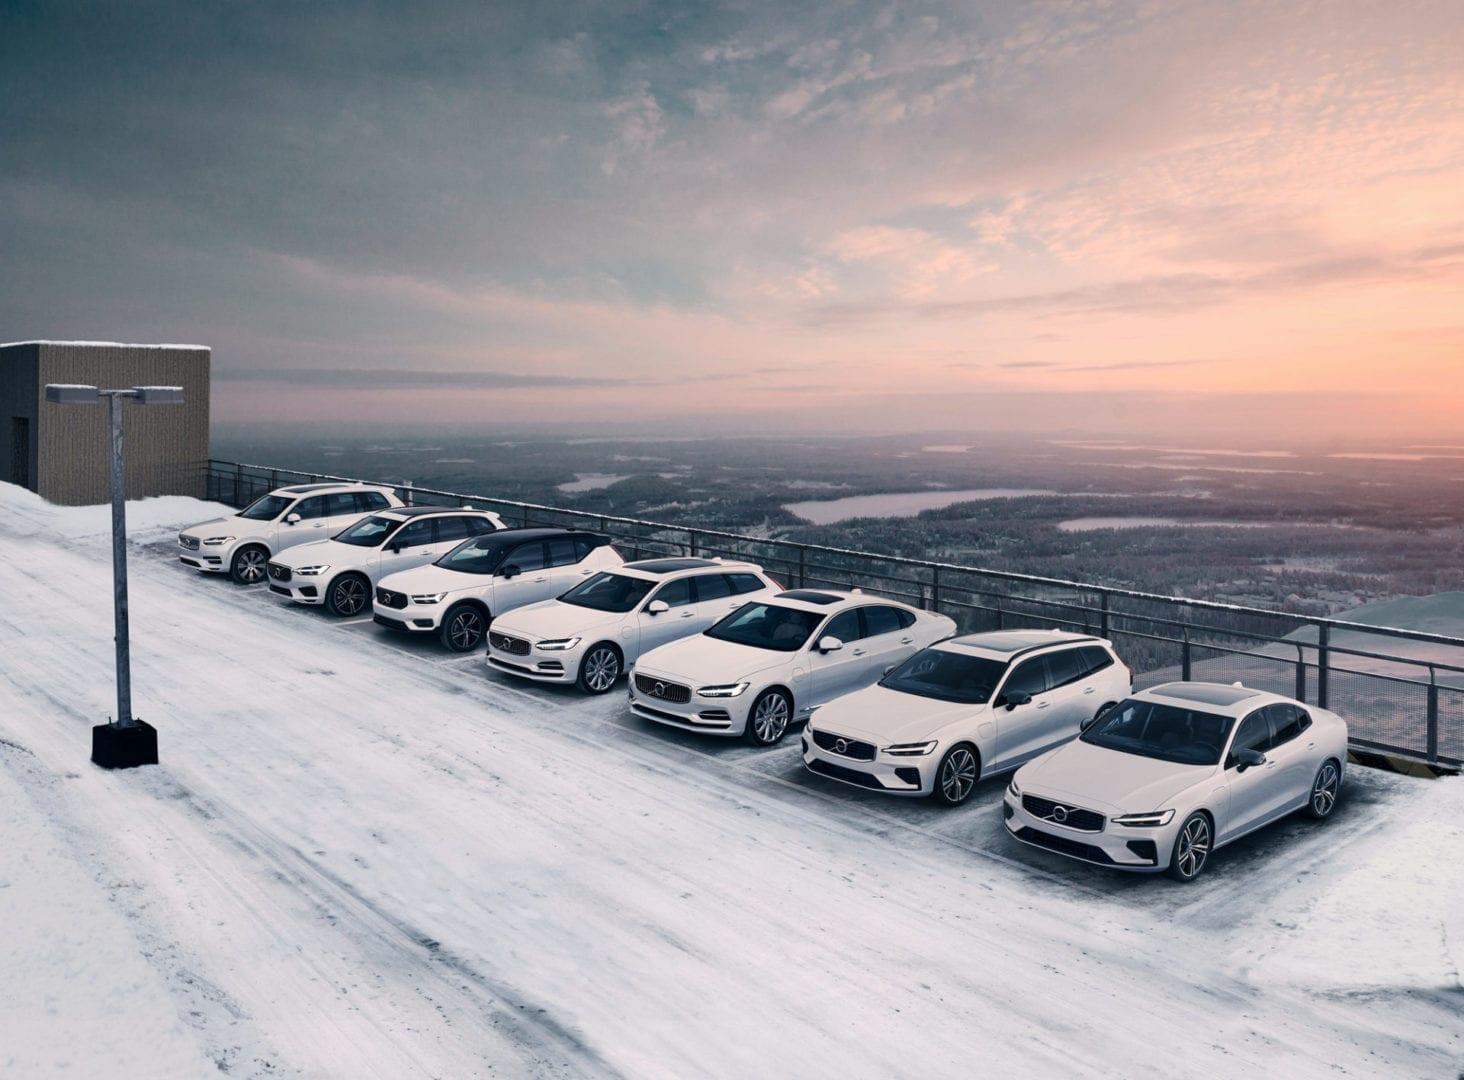 2019 год стал шестым подряд рекордным для Volvo Cars по объему мировых продаж